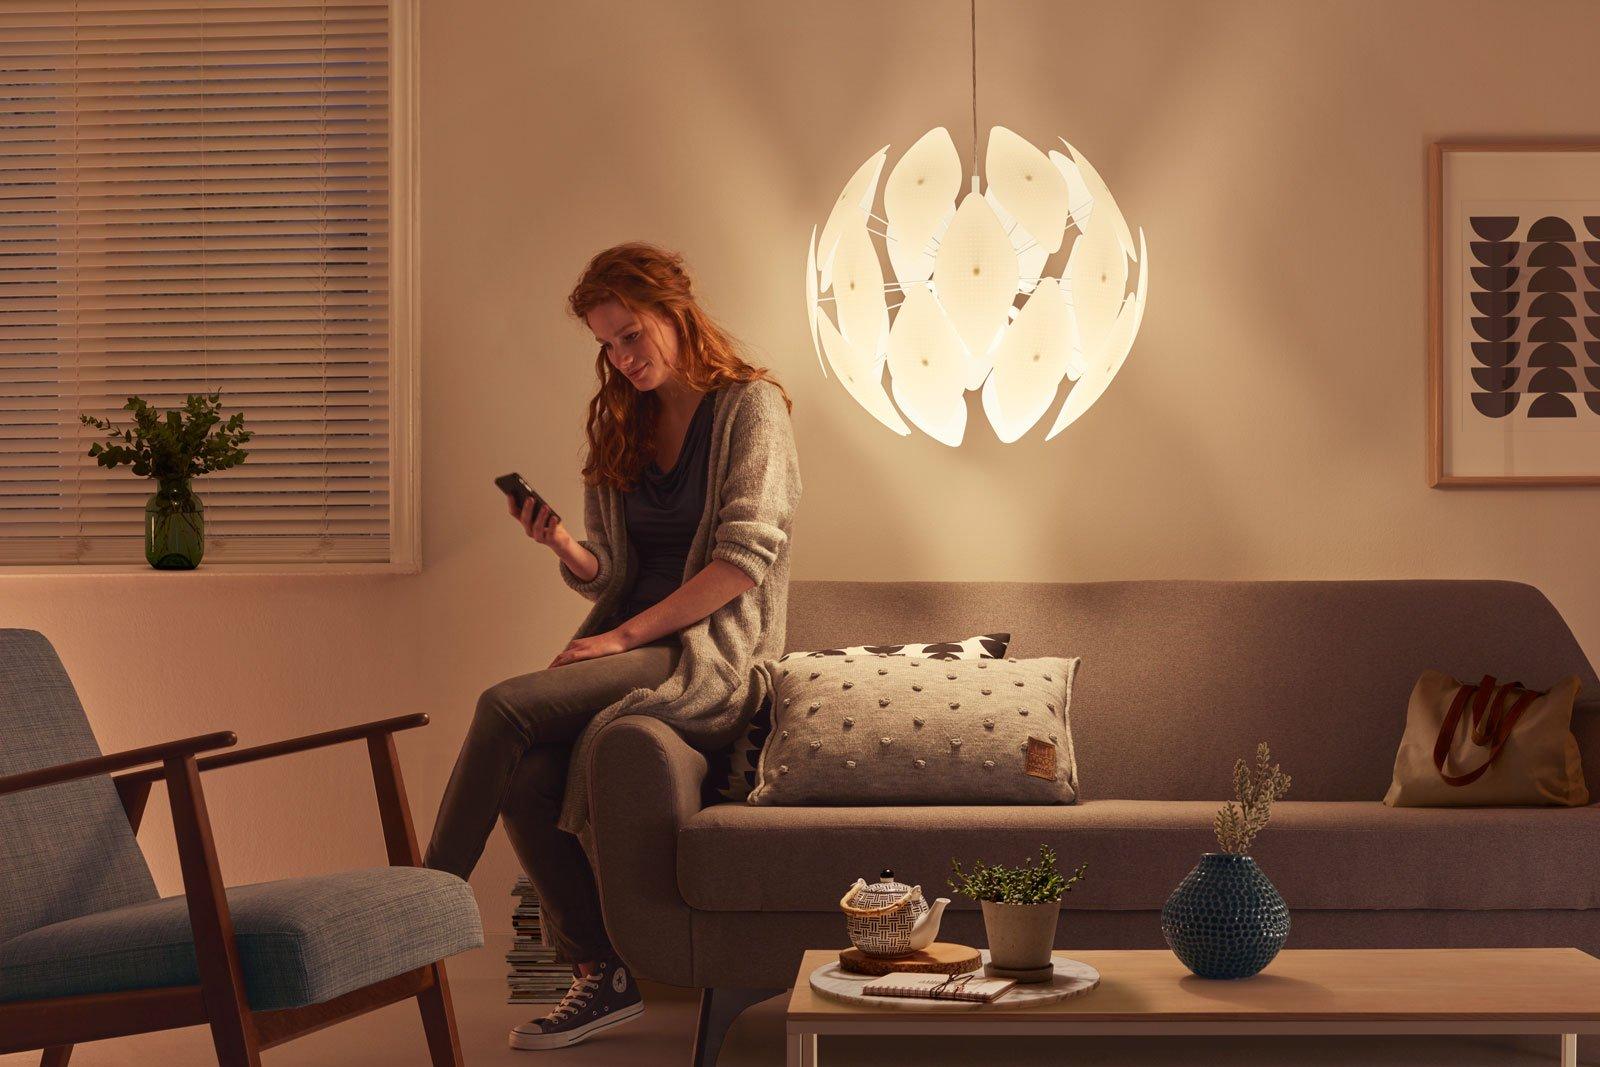 Lampade fascino vintage e spirito hi tech nelle nuove luci